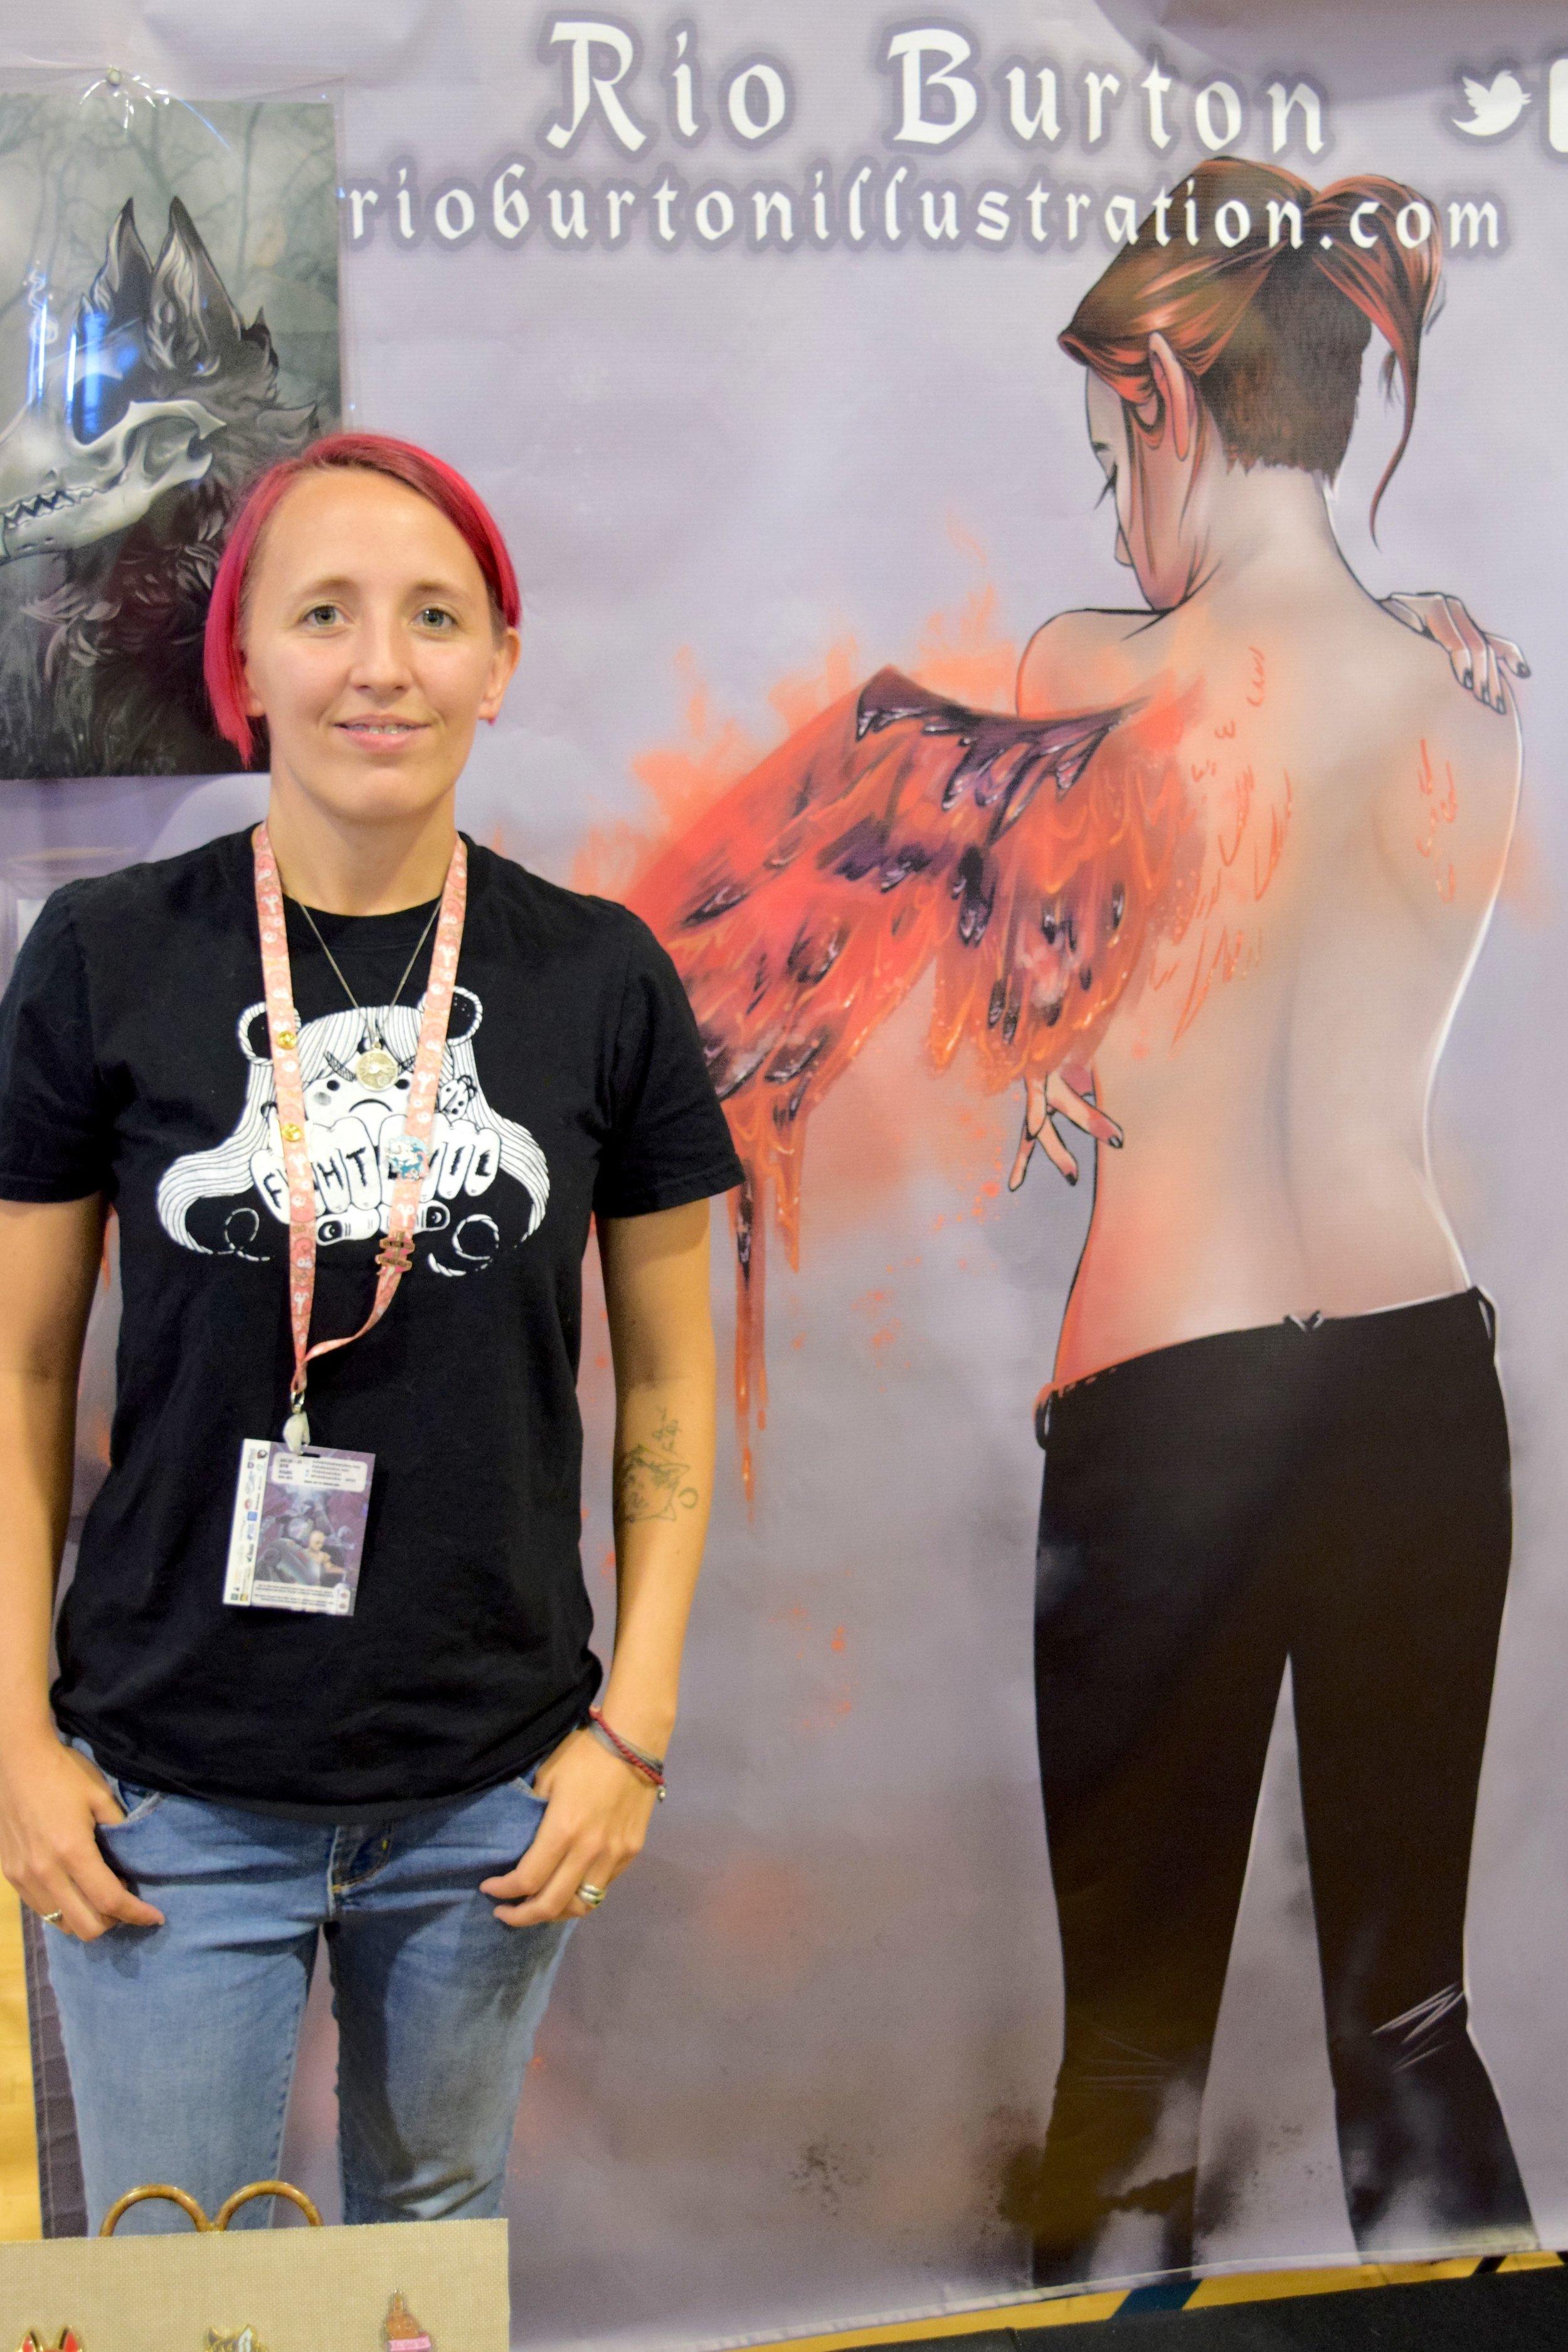 Rio Burton at Fort Collins Comic Con @018. (2)